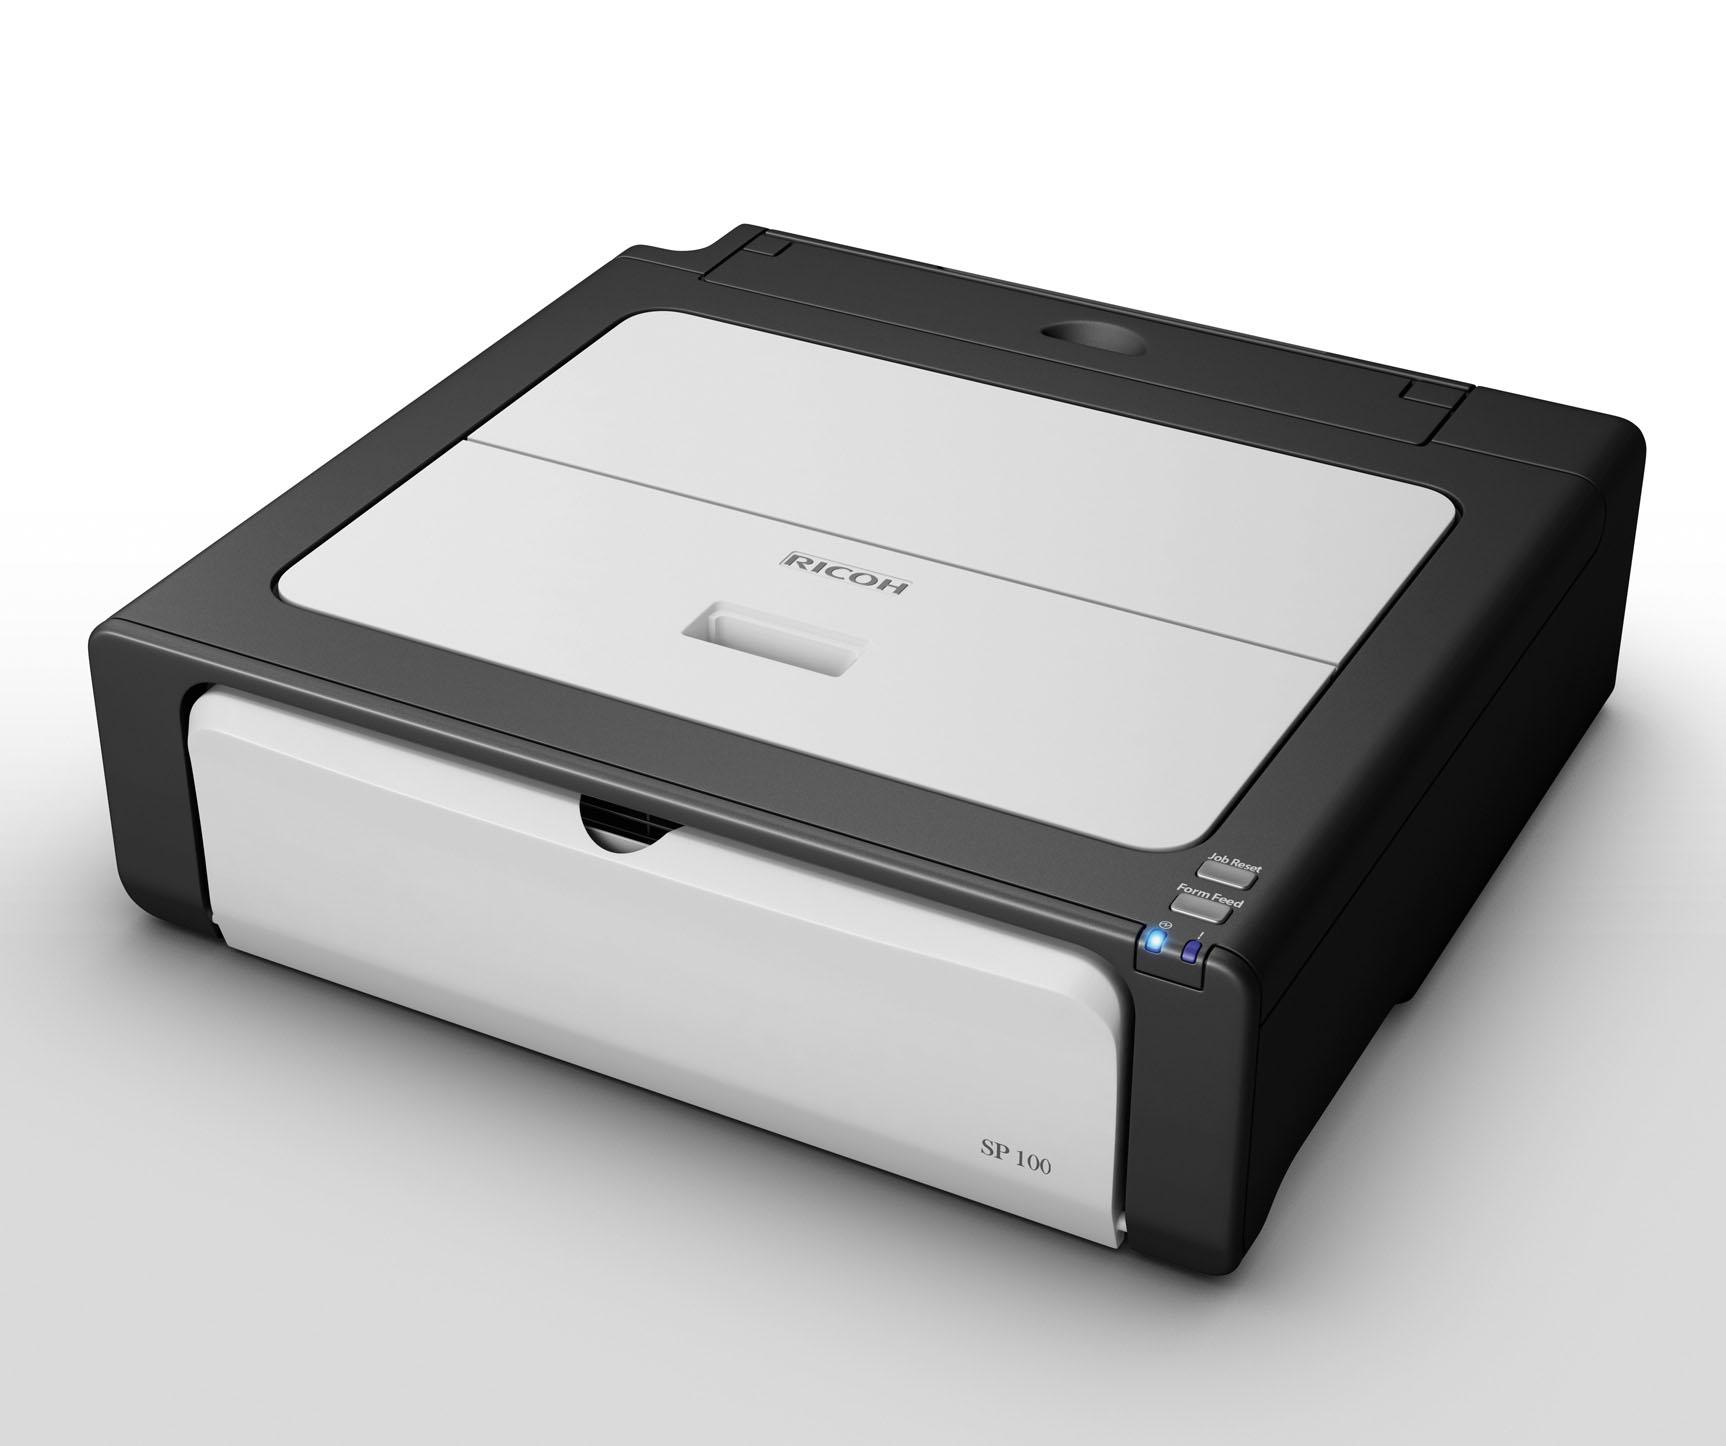 Ricoh aficio sp100 — первая серия домашних принтеров от именитого.